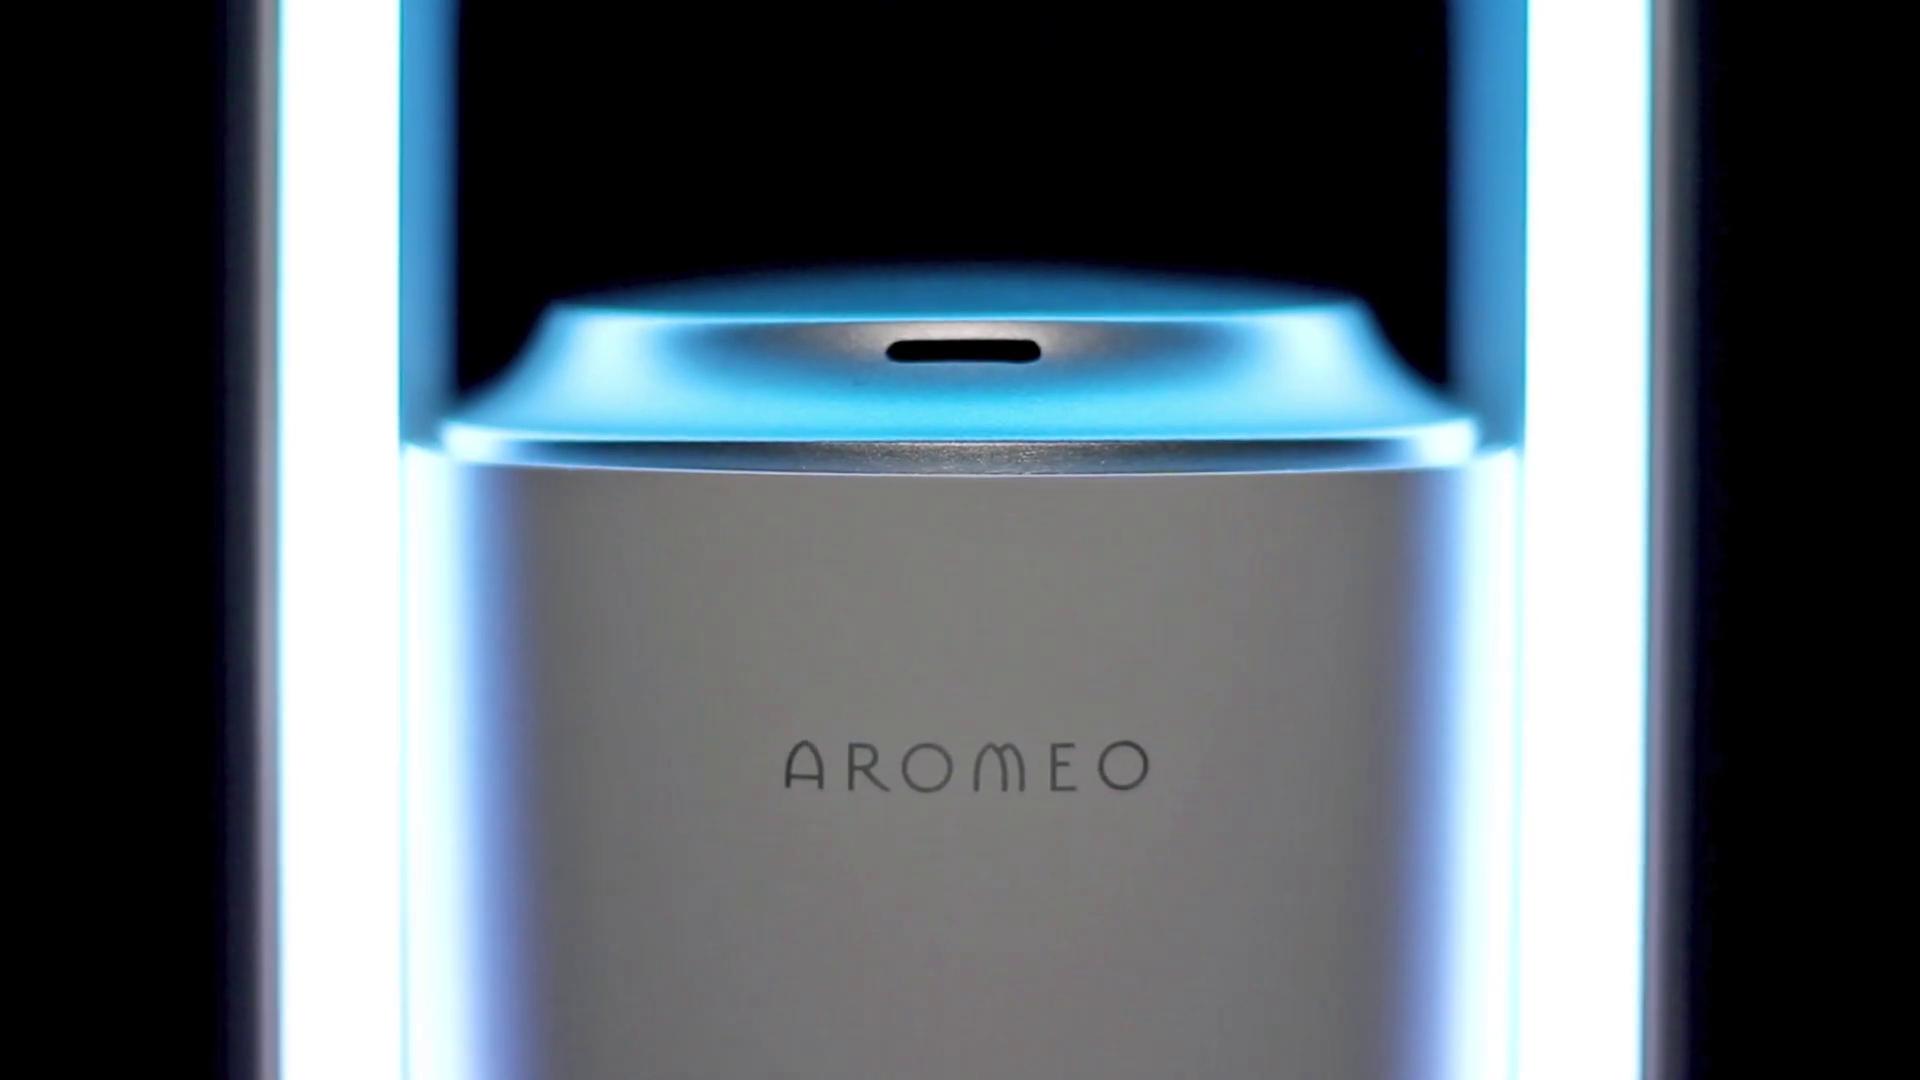 Aromeo Sense (źródło: Aromeo)